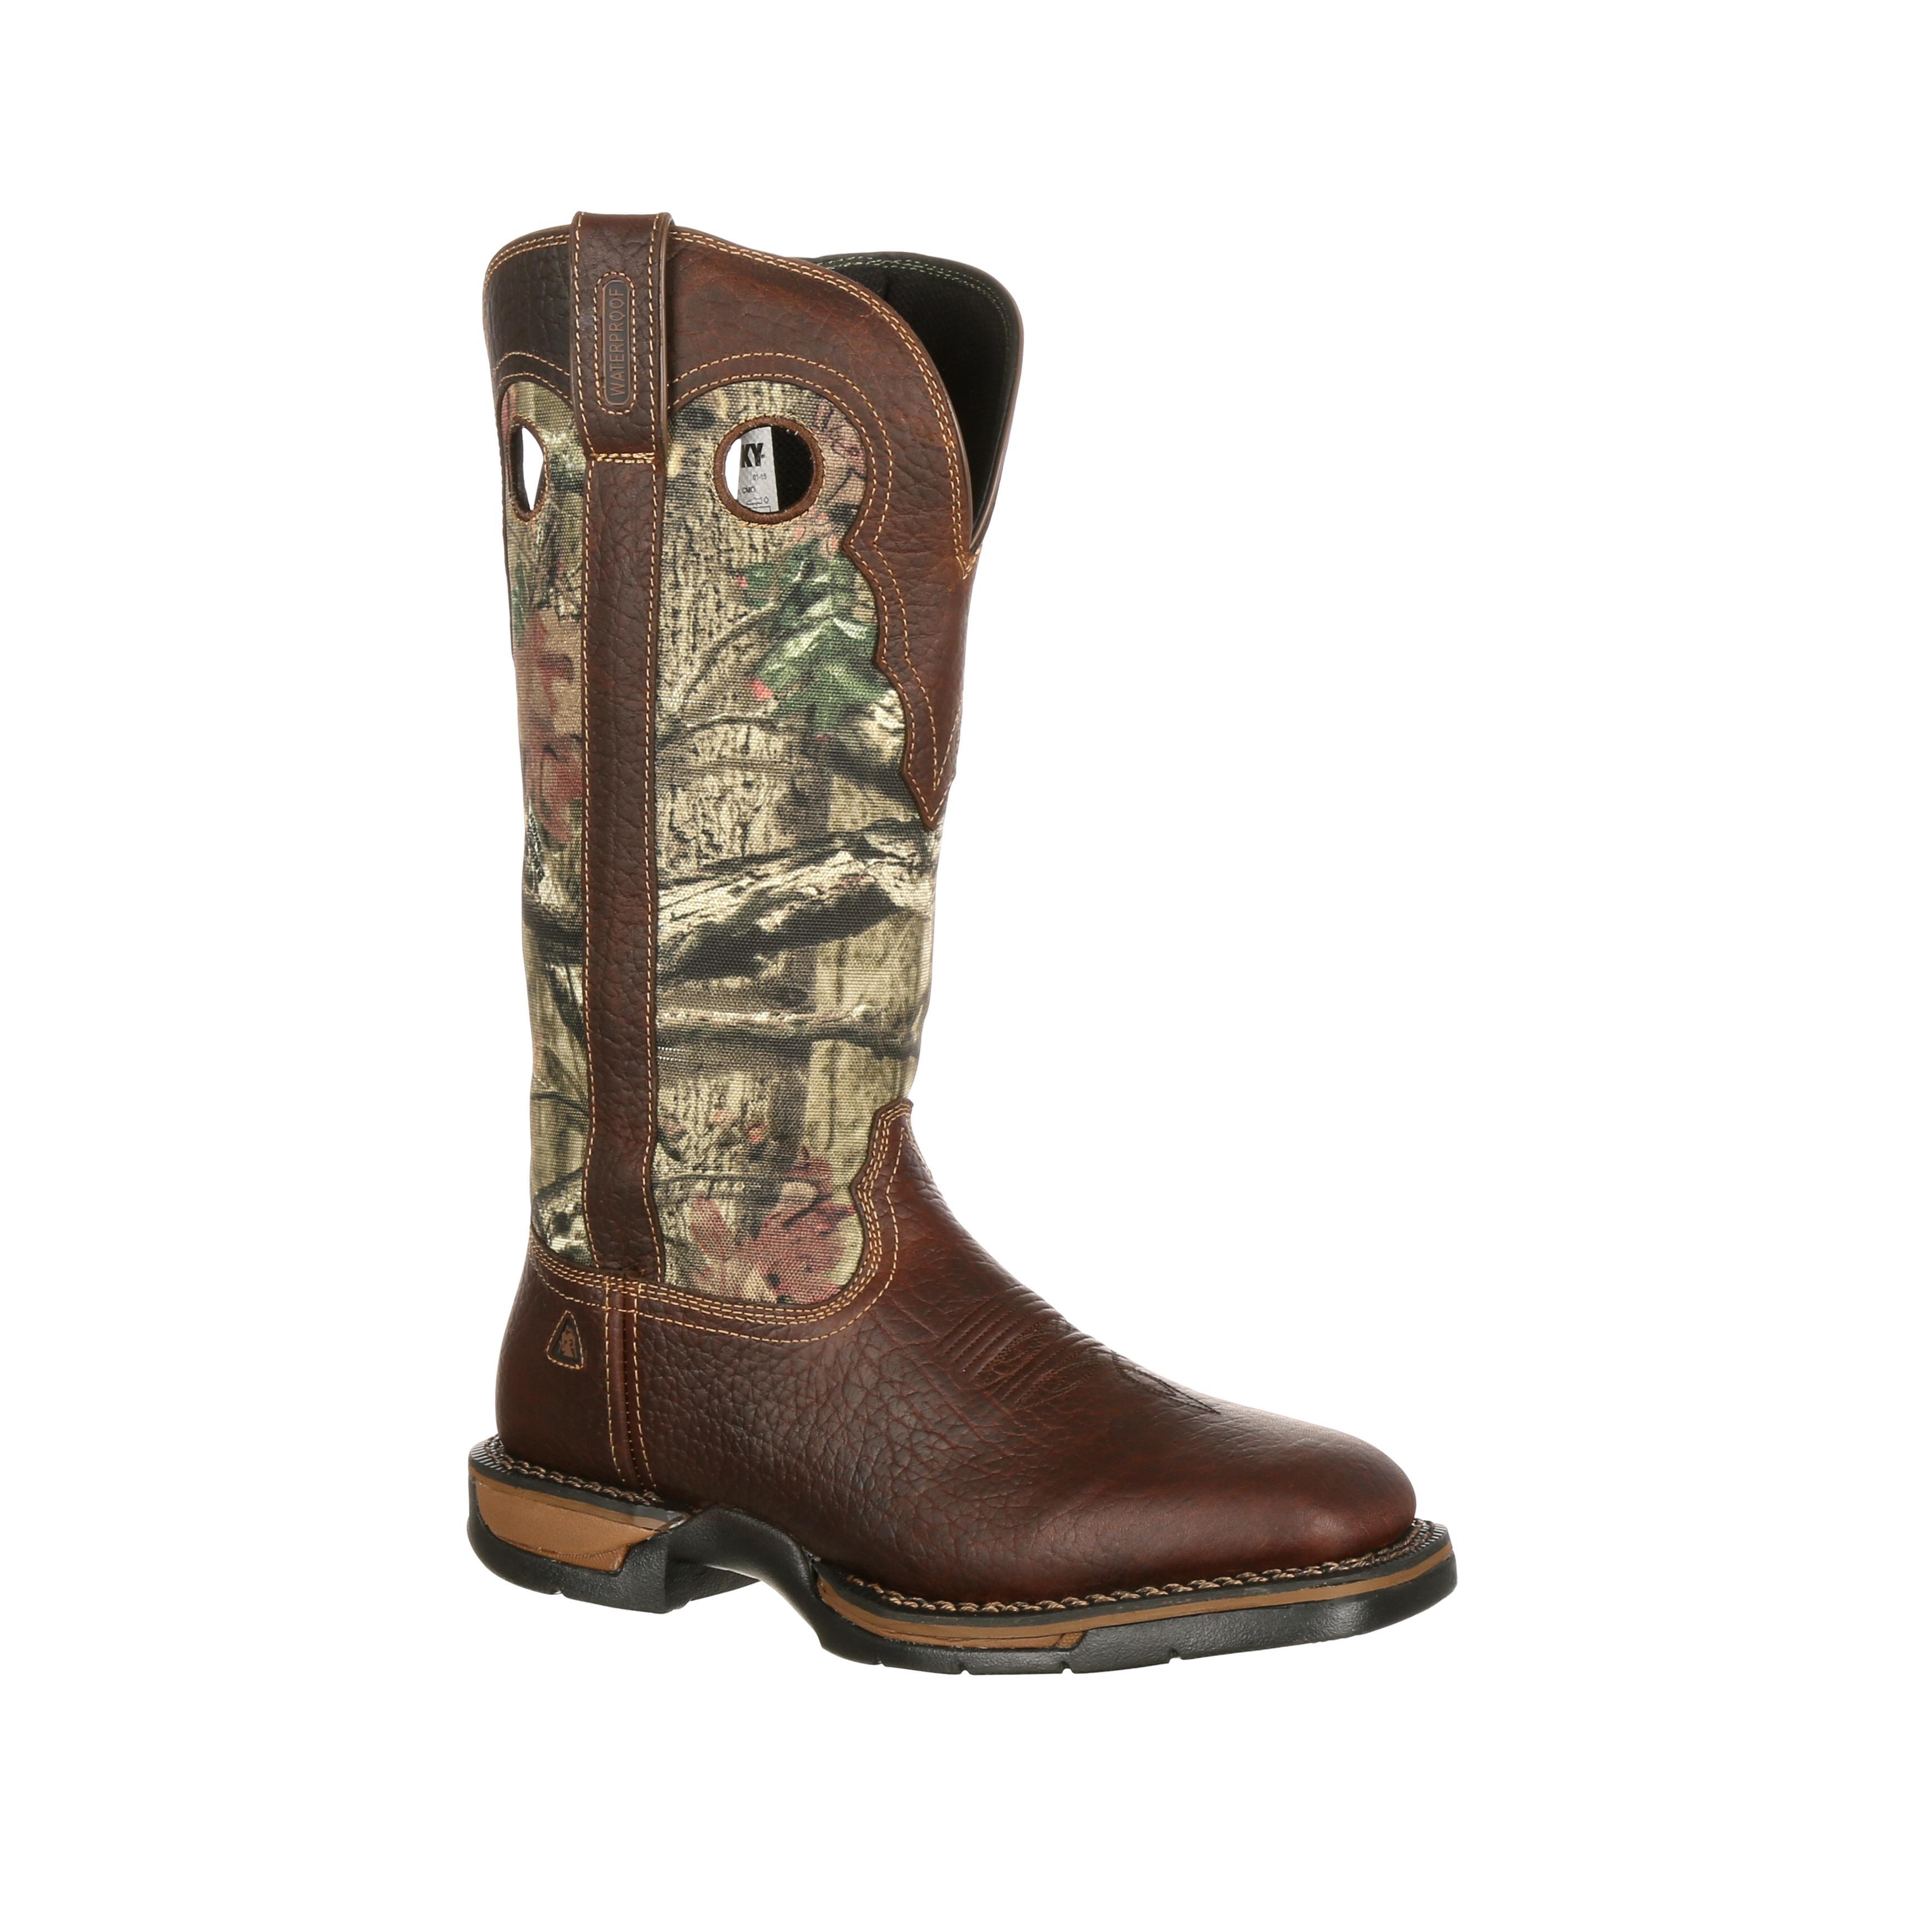 Waterproof Camo Snake Boots, Rocky Long Range FQ0009041